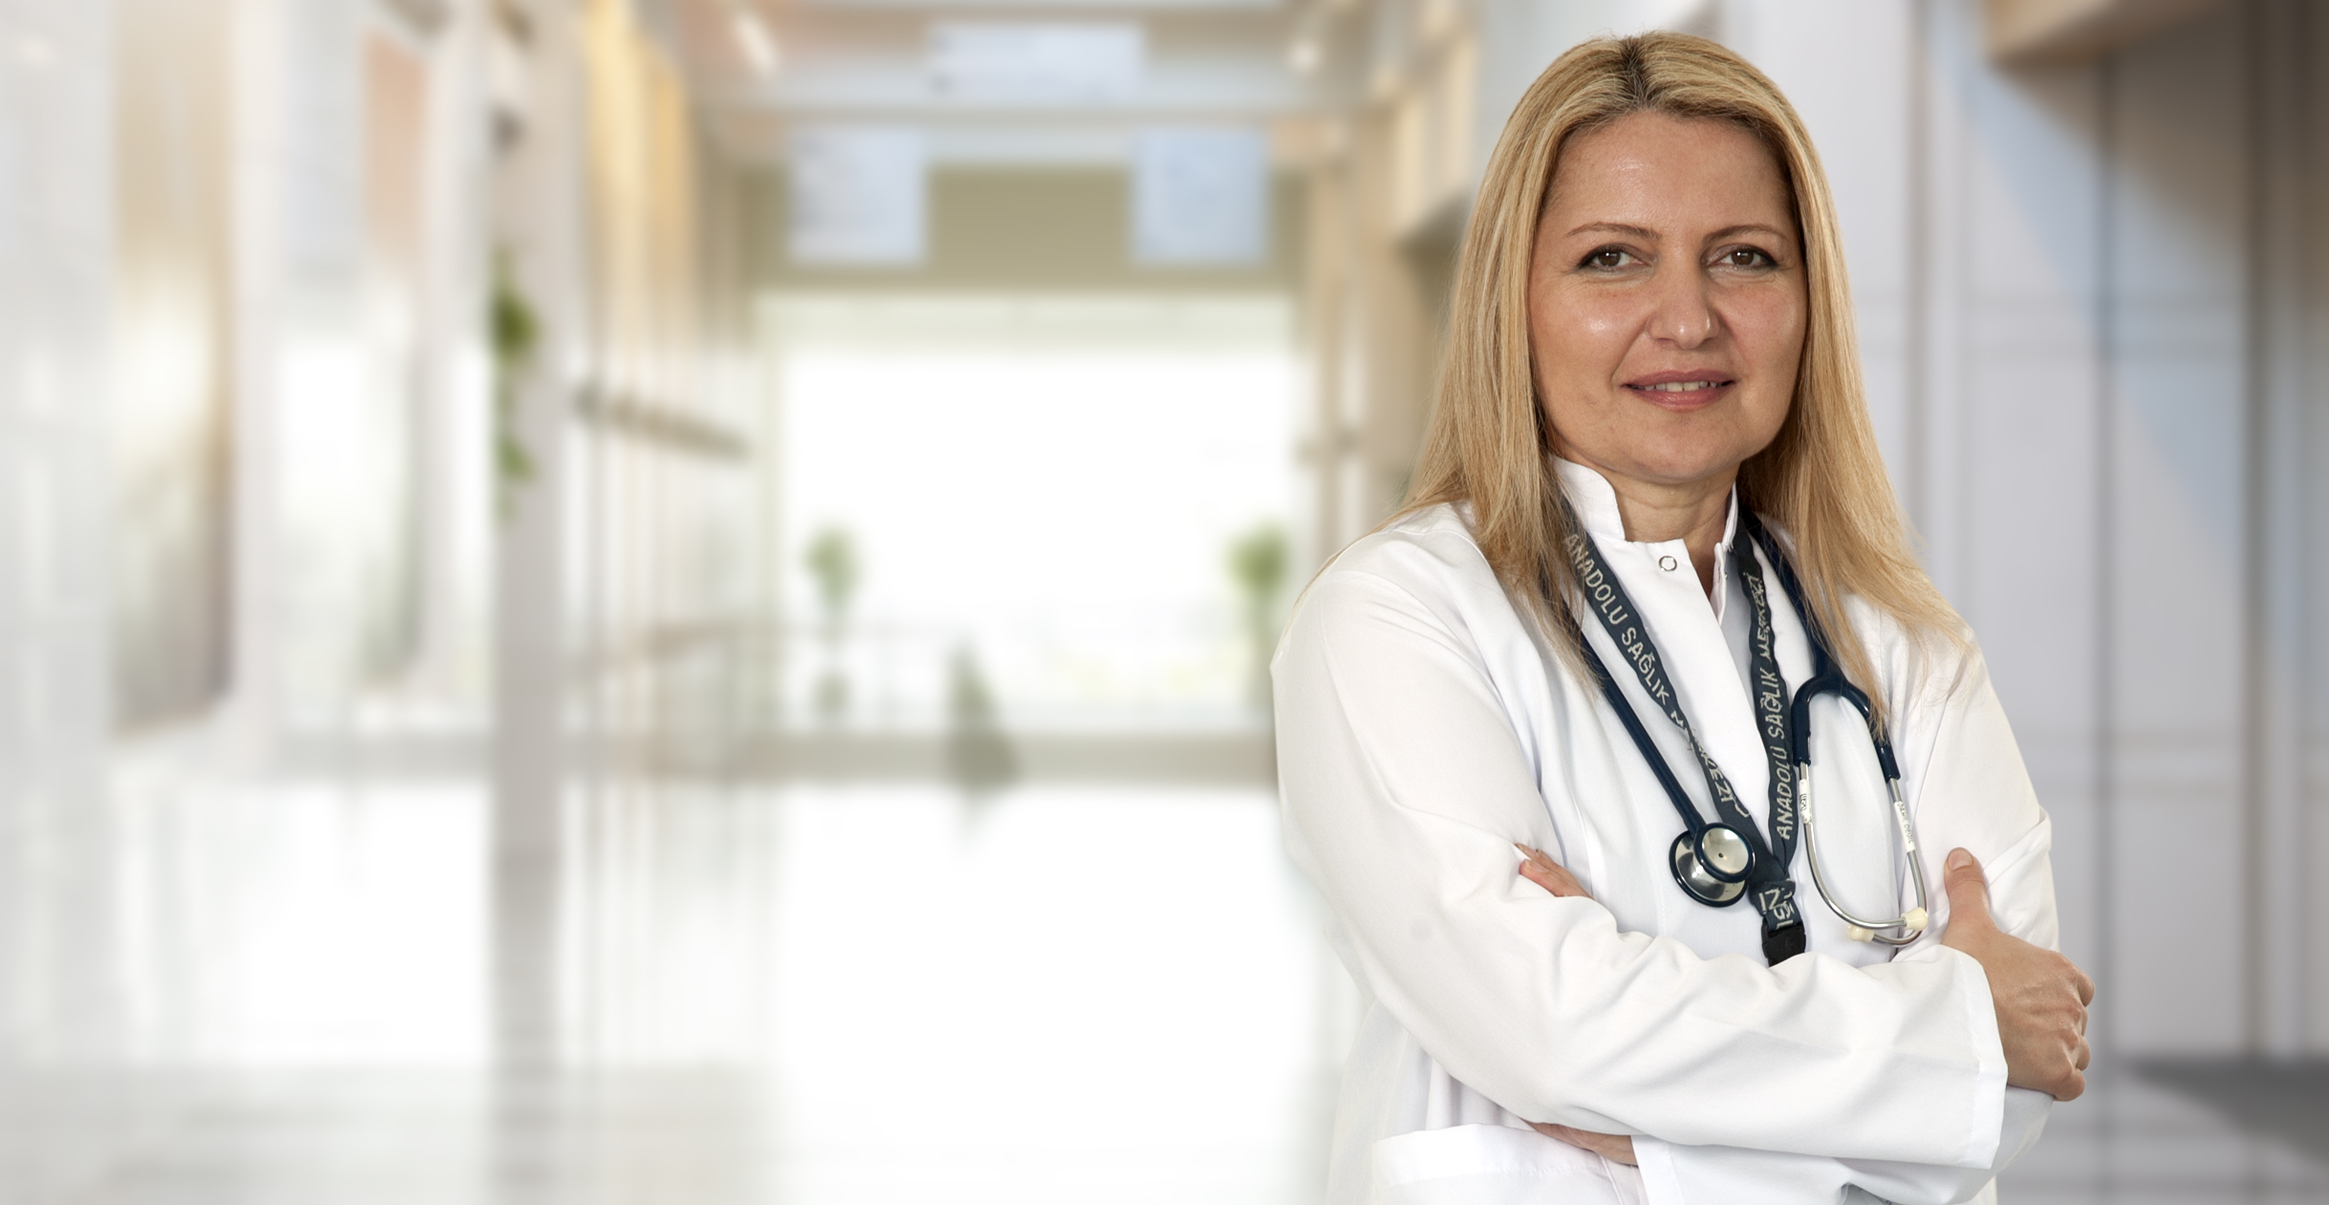 Шуле Озтюрк — квалифицированная помощь в медицинском центре Anadolu